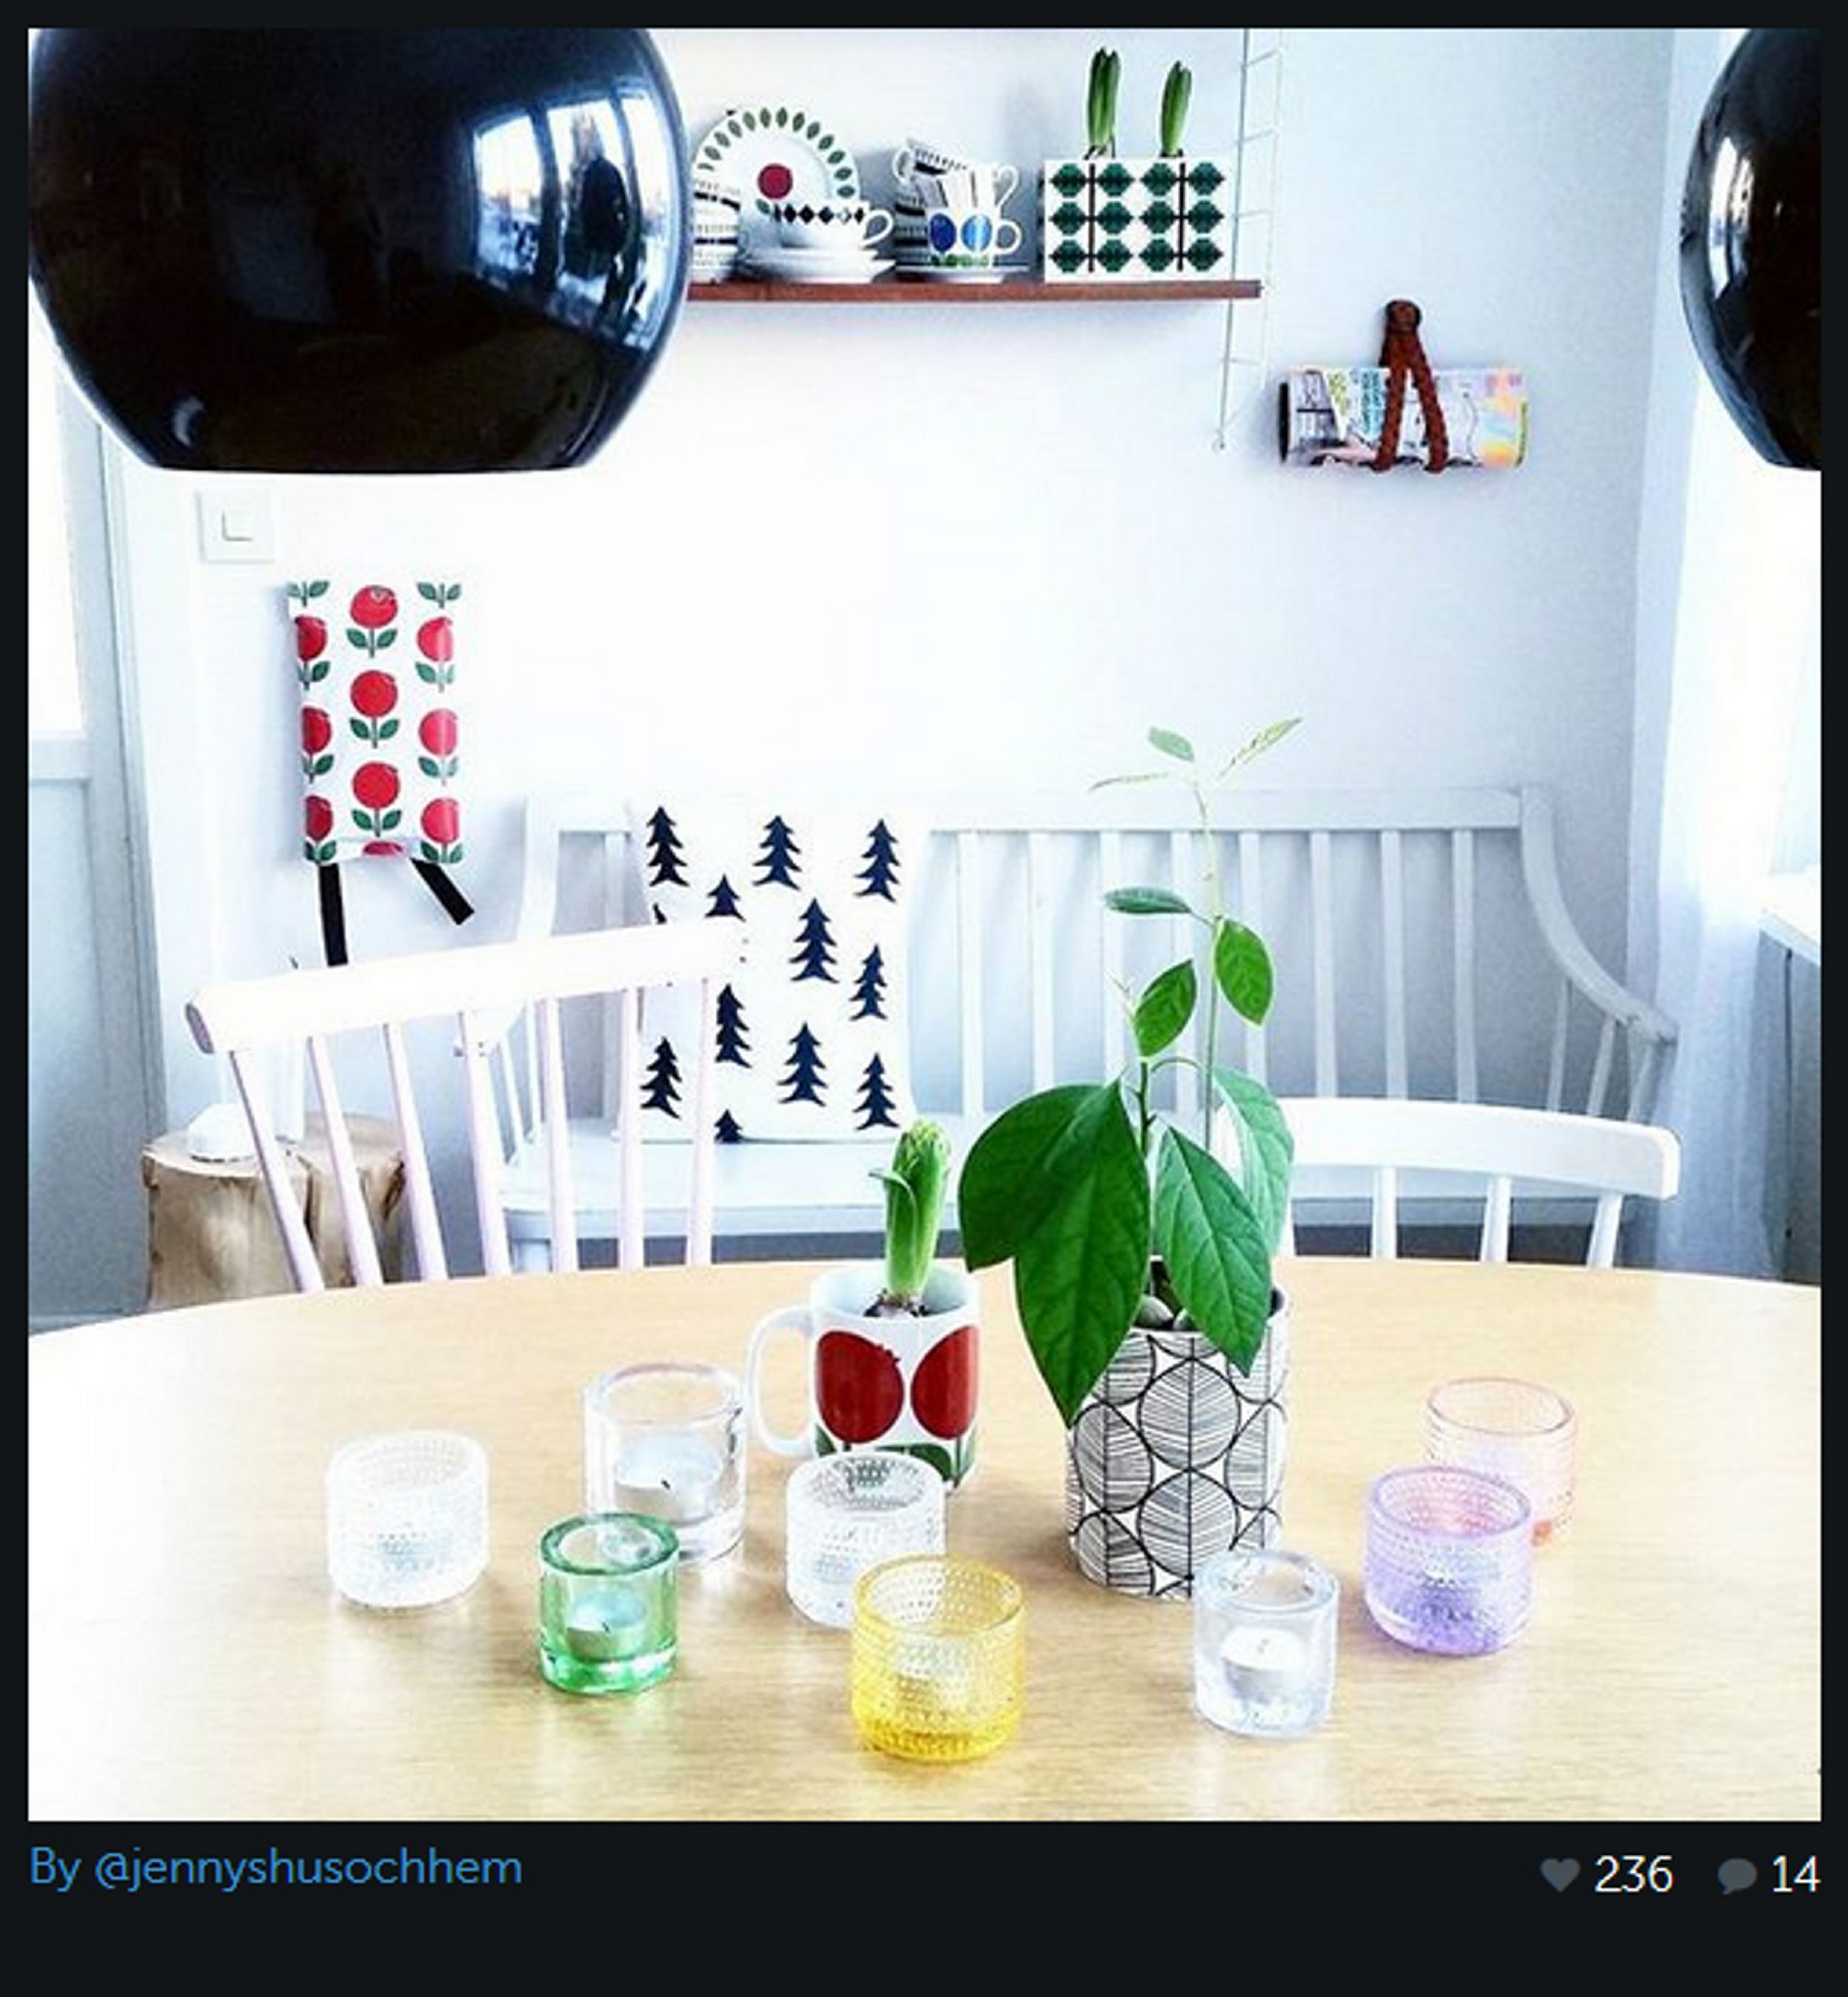 Utrolig stilig! @jennyshusochhjem har valgt en lampe med sort kuppel over spisestuebordet. Den gjør seg utrolig godt sammen med de hvite veggene og de fargerike detaljene på bordet.